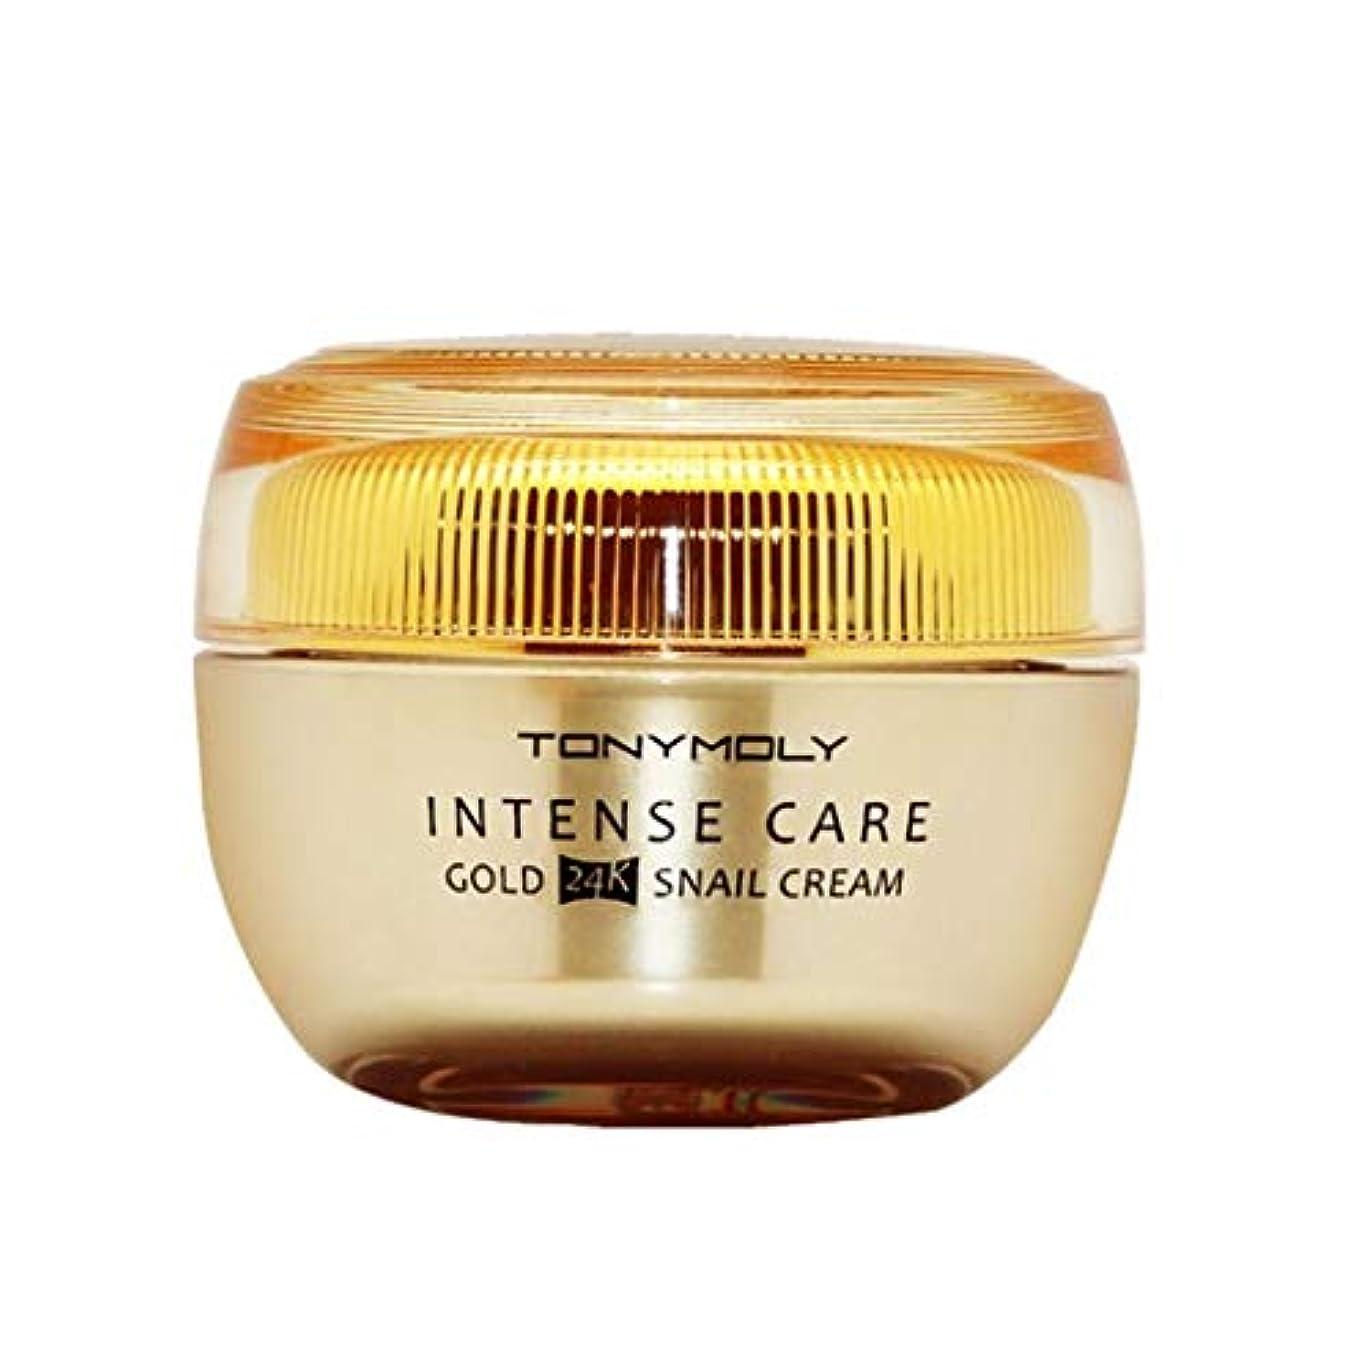 教科書第九ゴージャストニーモリーインテンスケアゴールド24Kスネールクリーム45ml x 2本セット美白、シワ改善クリーム、Tonymoly Intense Care Gold 24K Snail Cream 45ml x 2ea Set Whitening Wrinkle Care Cream [並行輸入品]